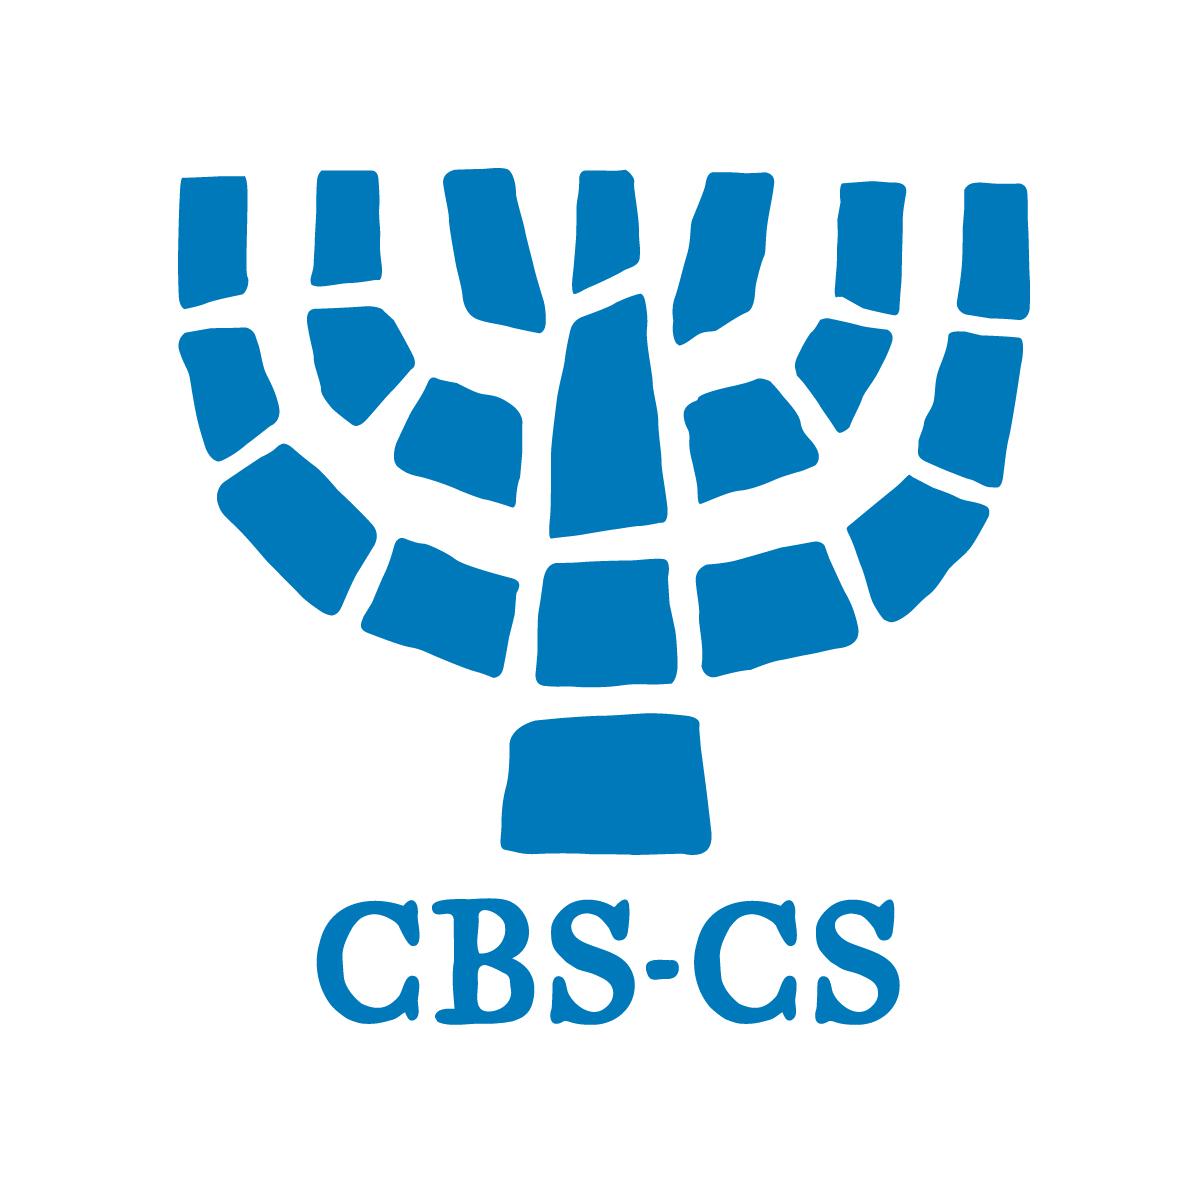 Cbs Cs Kosher